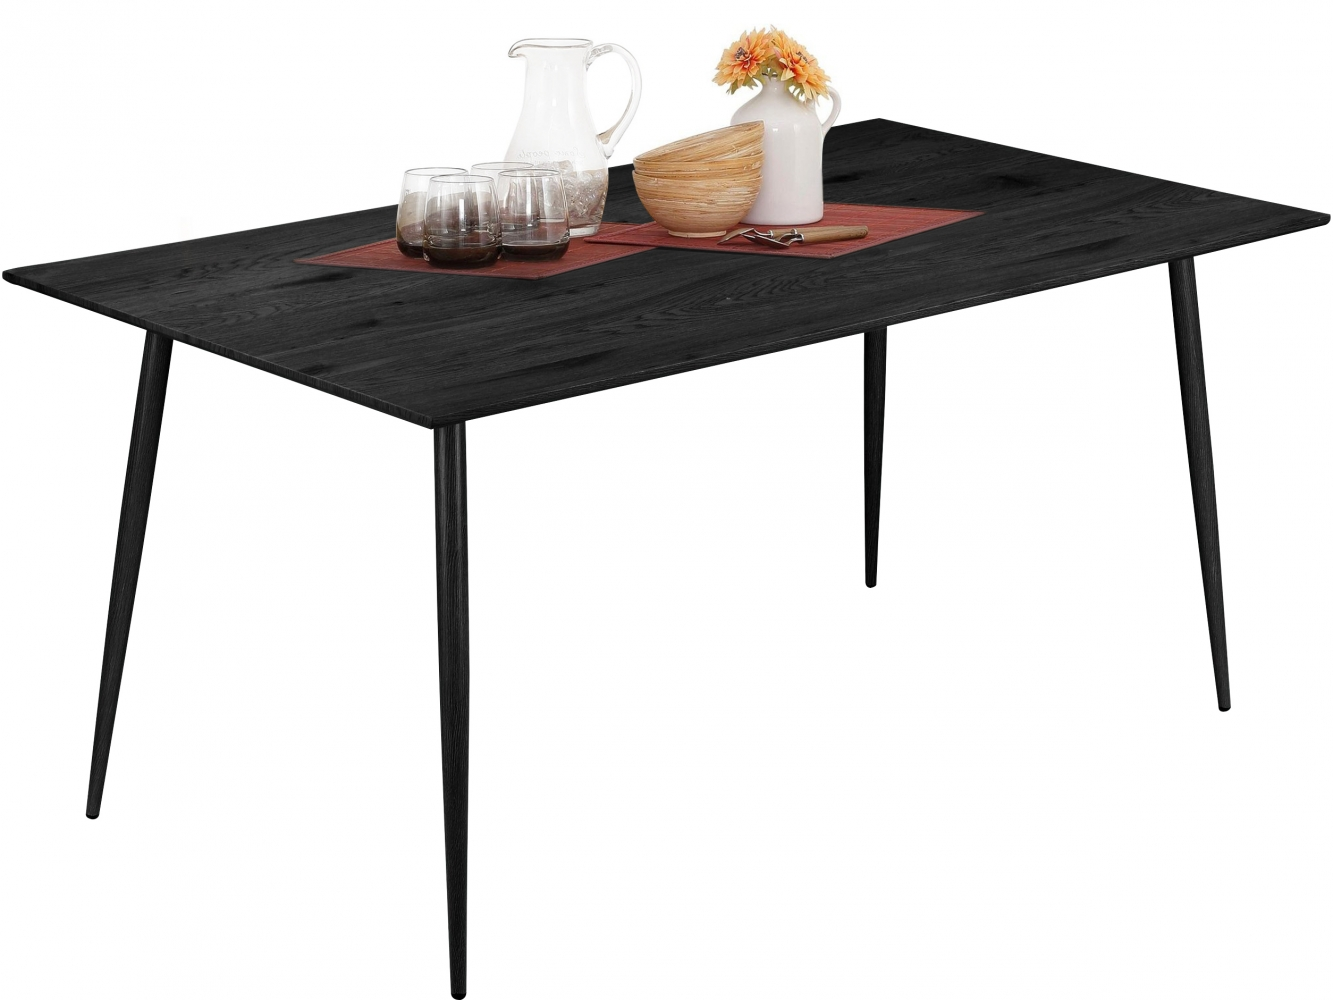 Jídelní stůl Lion, 160 cm, černá